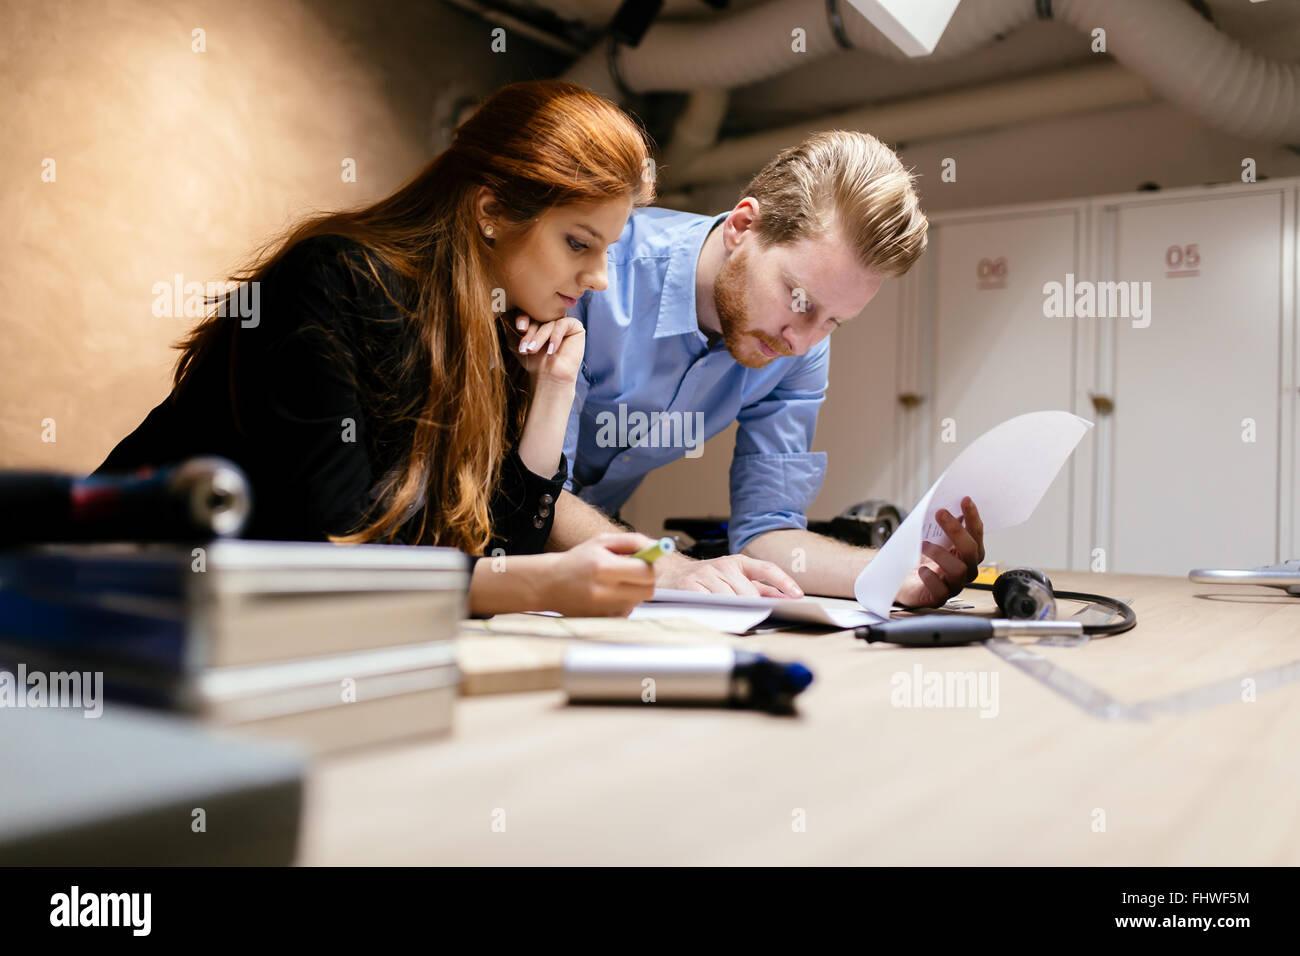 Le persone che lavorano nella bellissima moderna officina con attrezzature professionali a portata di mano Immagini Stock